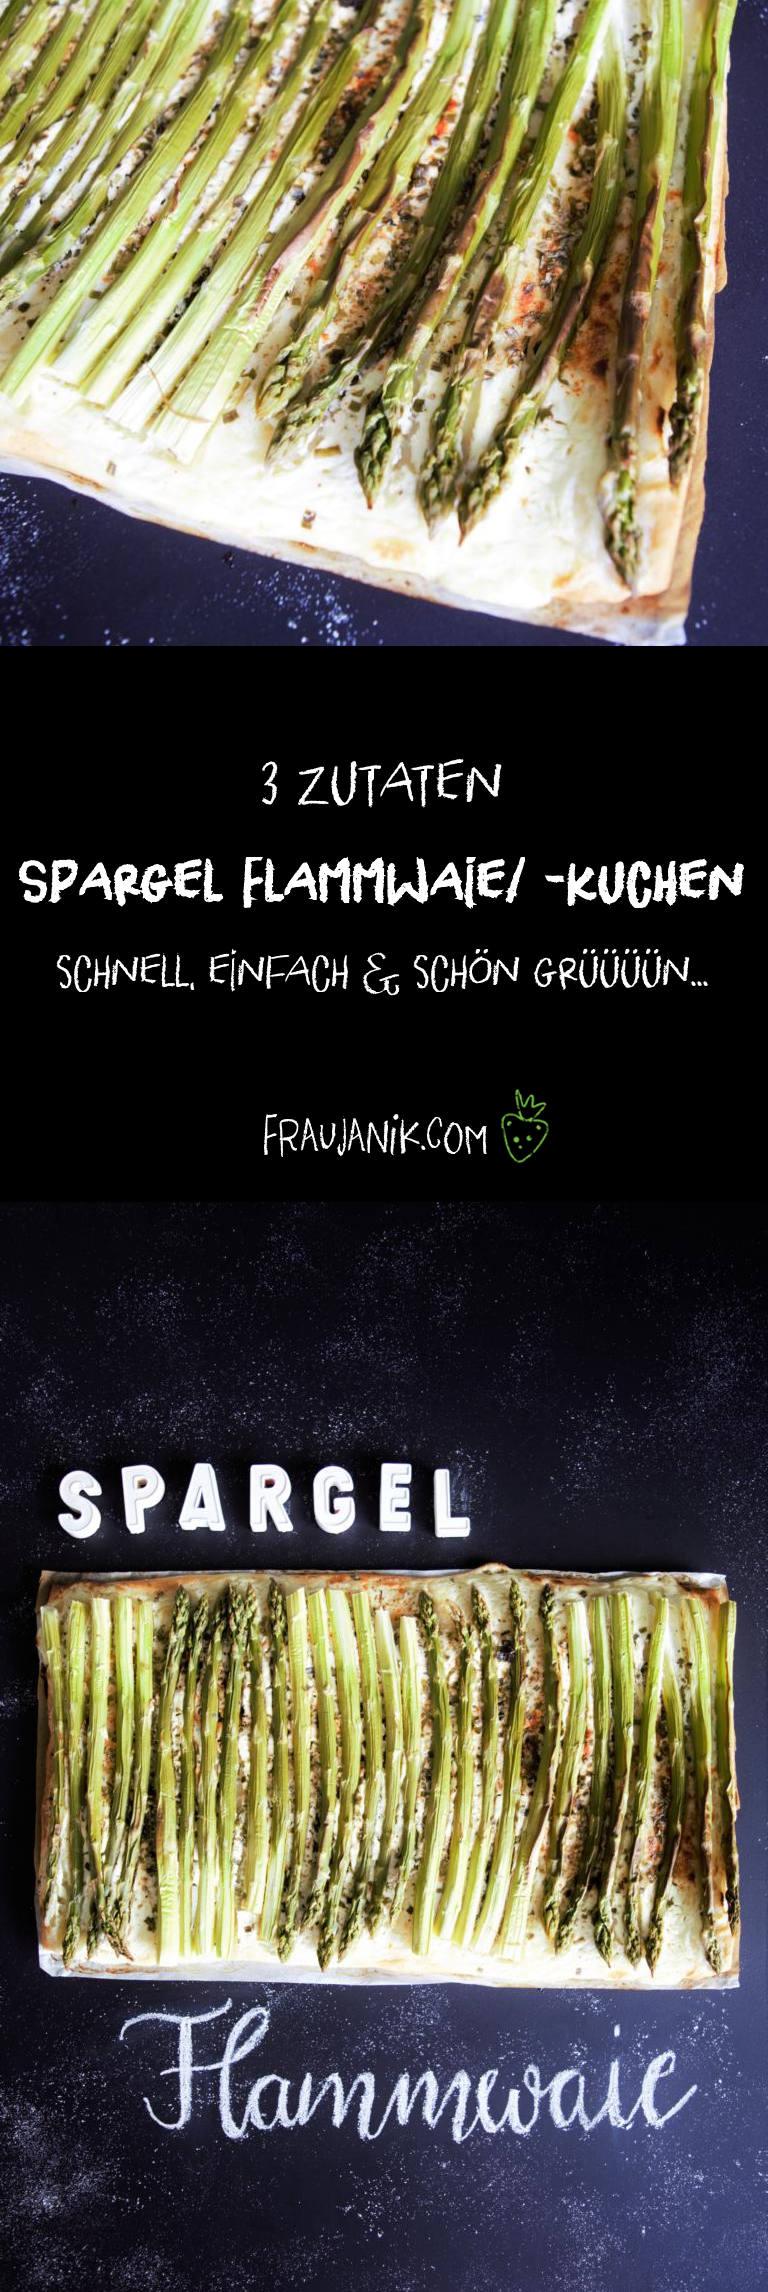 Spargel Flammwaie/Flammkuchen